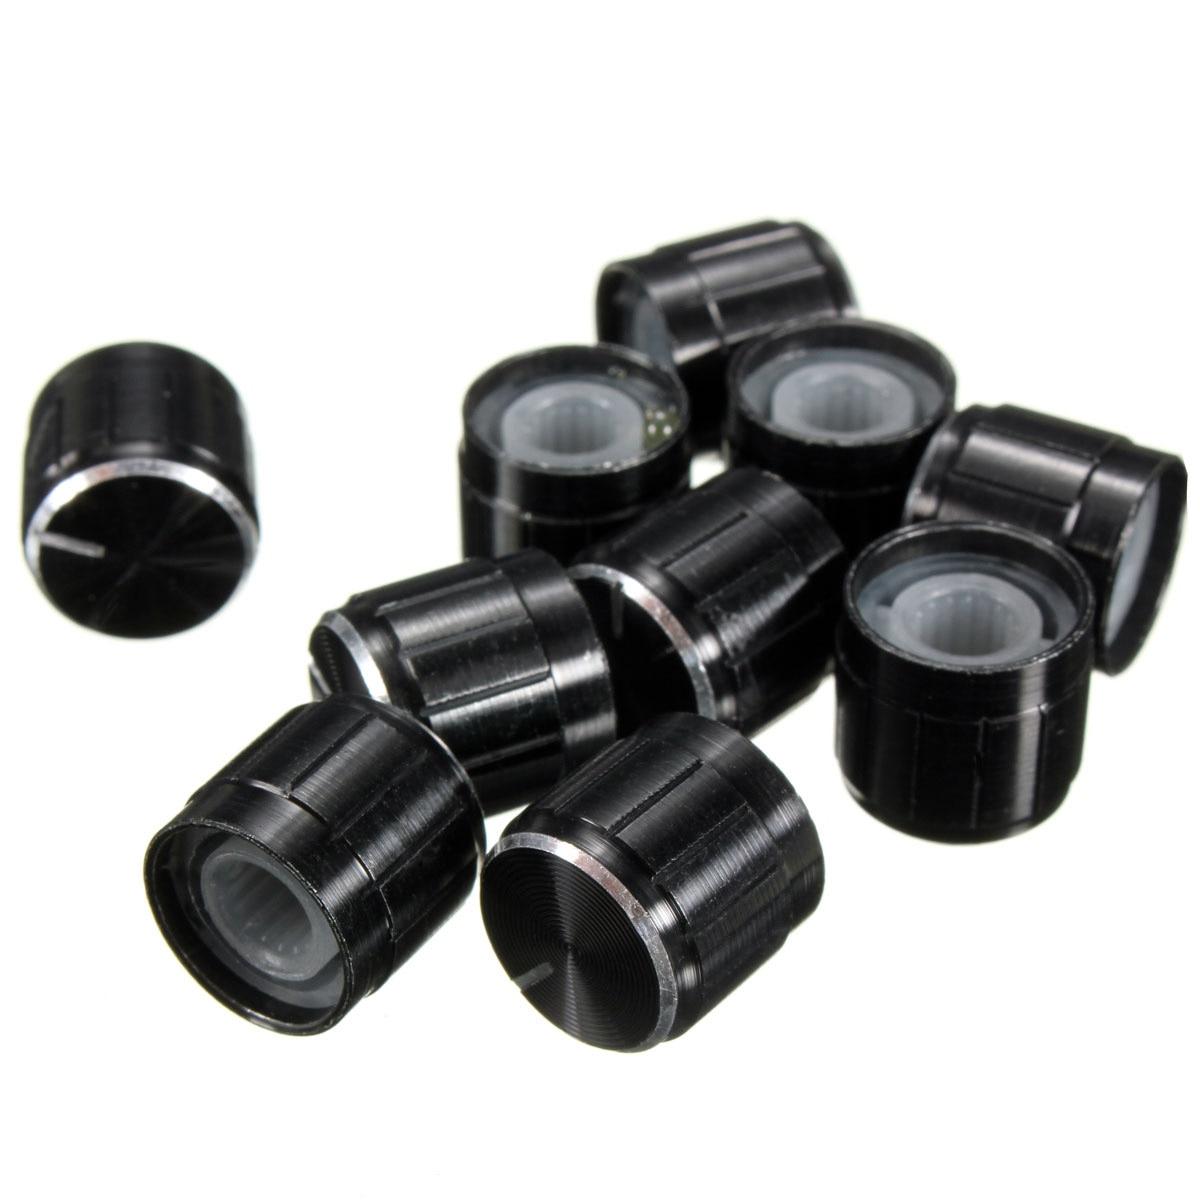 10 Uds rotativos, con perillas de Control de volumen negro para 6mm de diámetro. Potenciómetro de eje moleteado